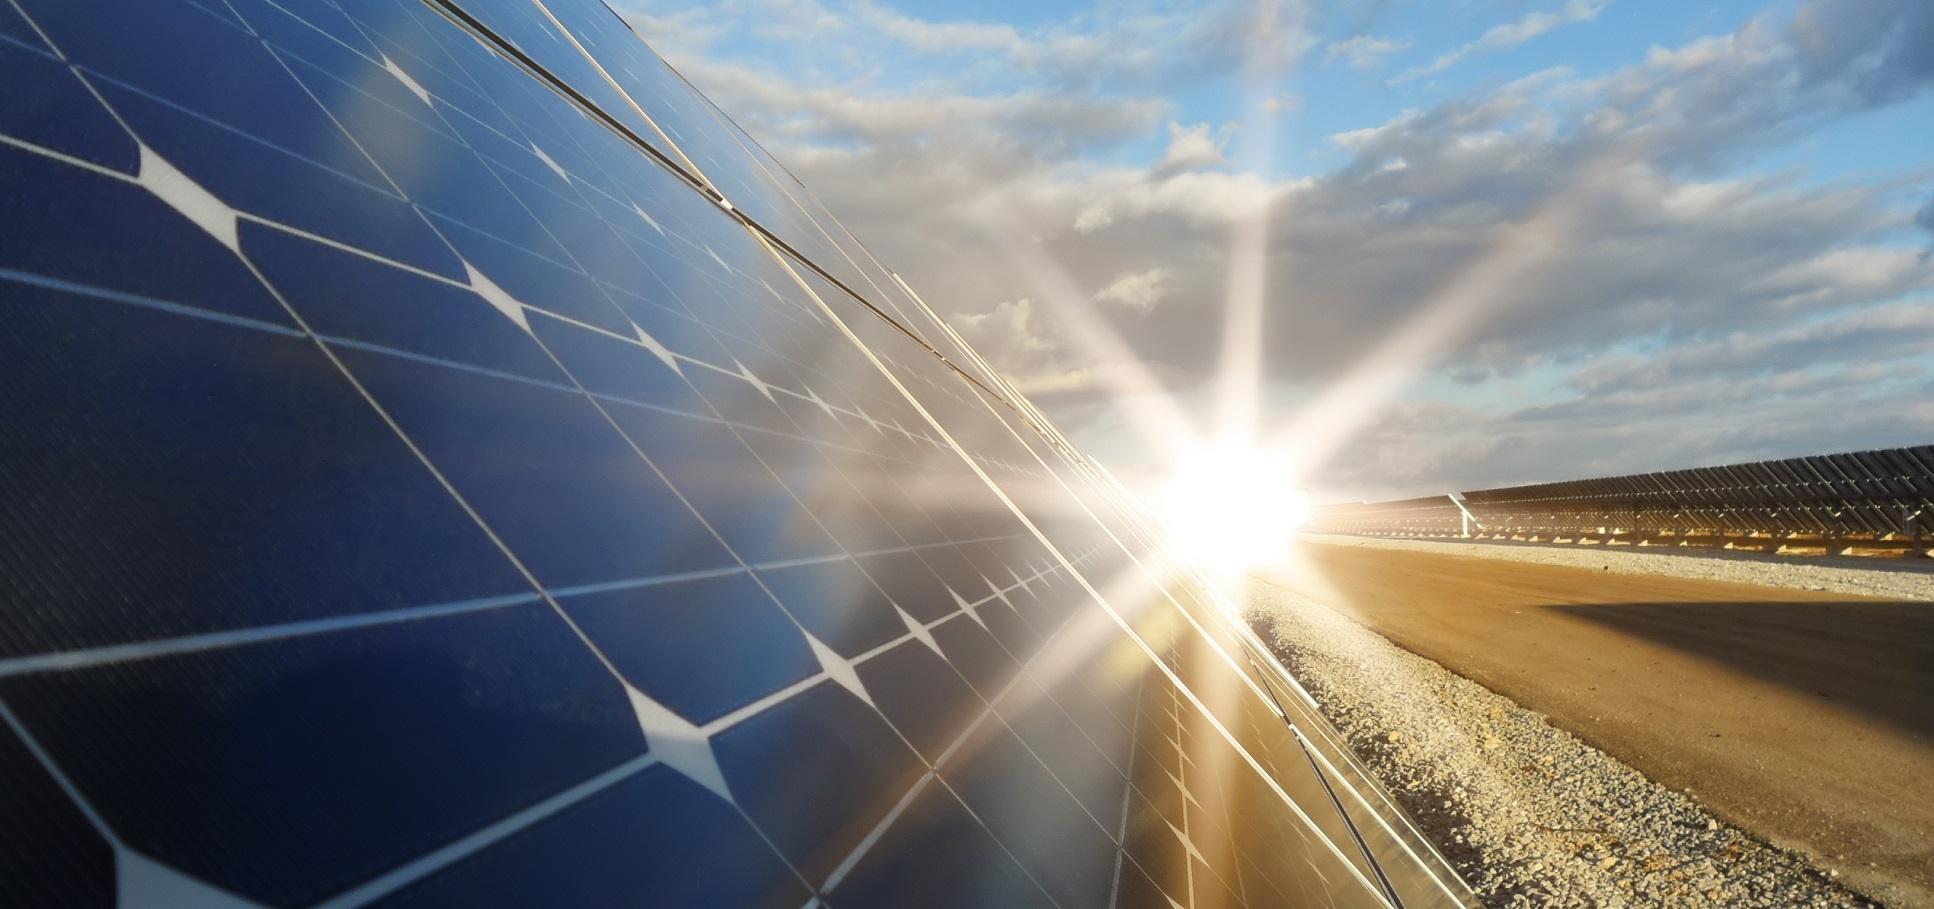 India construye canales solares que ahorran agua y generan energía